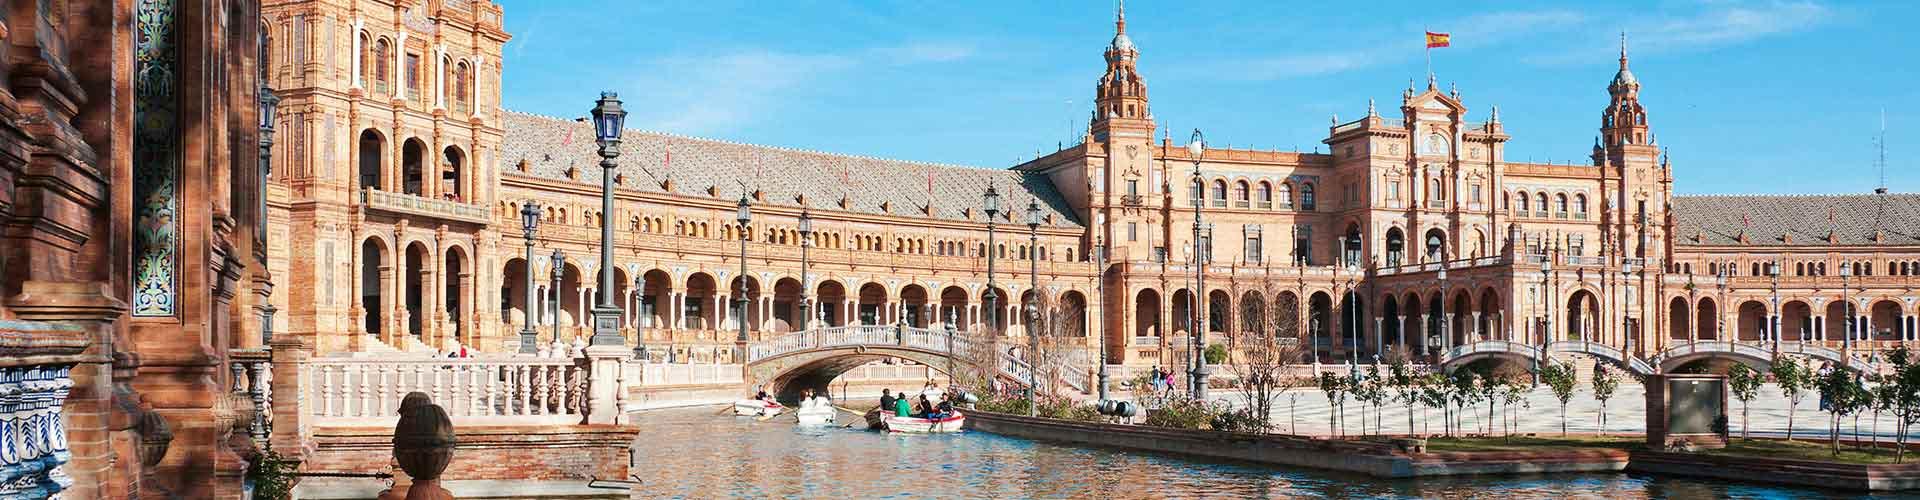 Sevilla – Hostels in Sevilla. Karten für Sevilla. Fotos und Bewertungen für jedes Hostel in Sevilla.